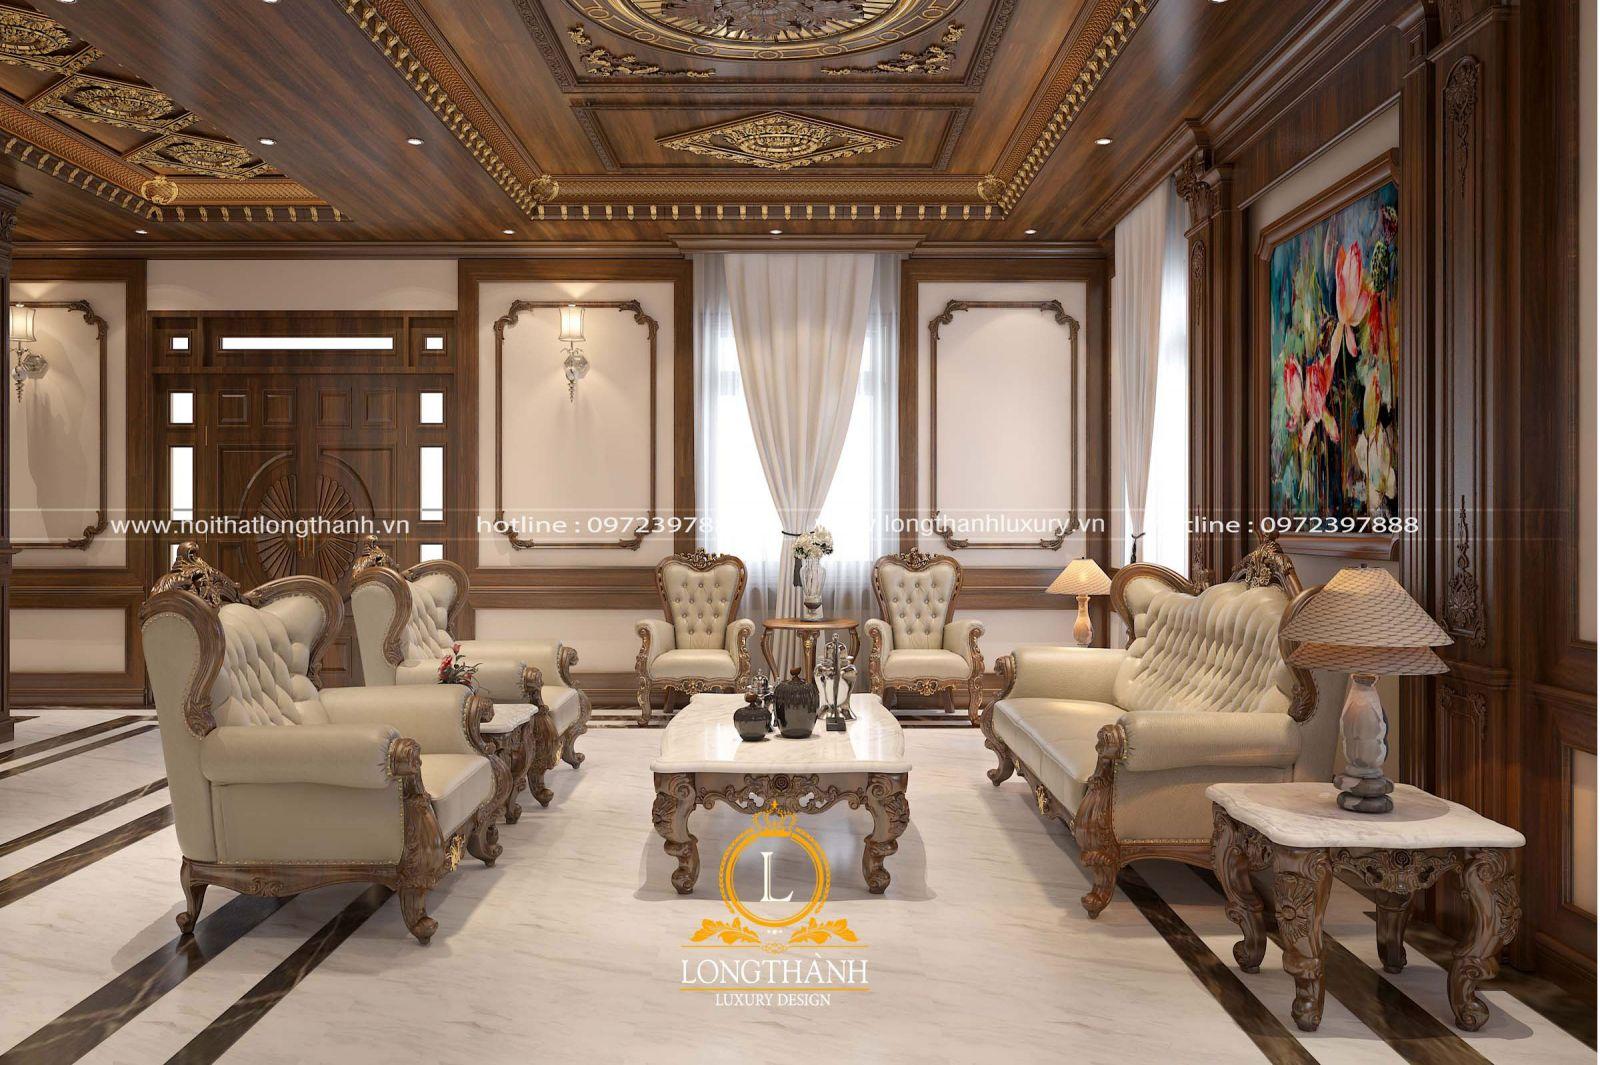 Bộ sofa tân cổ điển thiết kế cân đối và phù hợp cùng diện tích không gian phòng khách